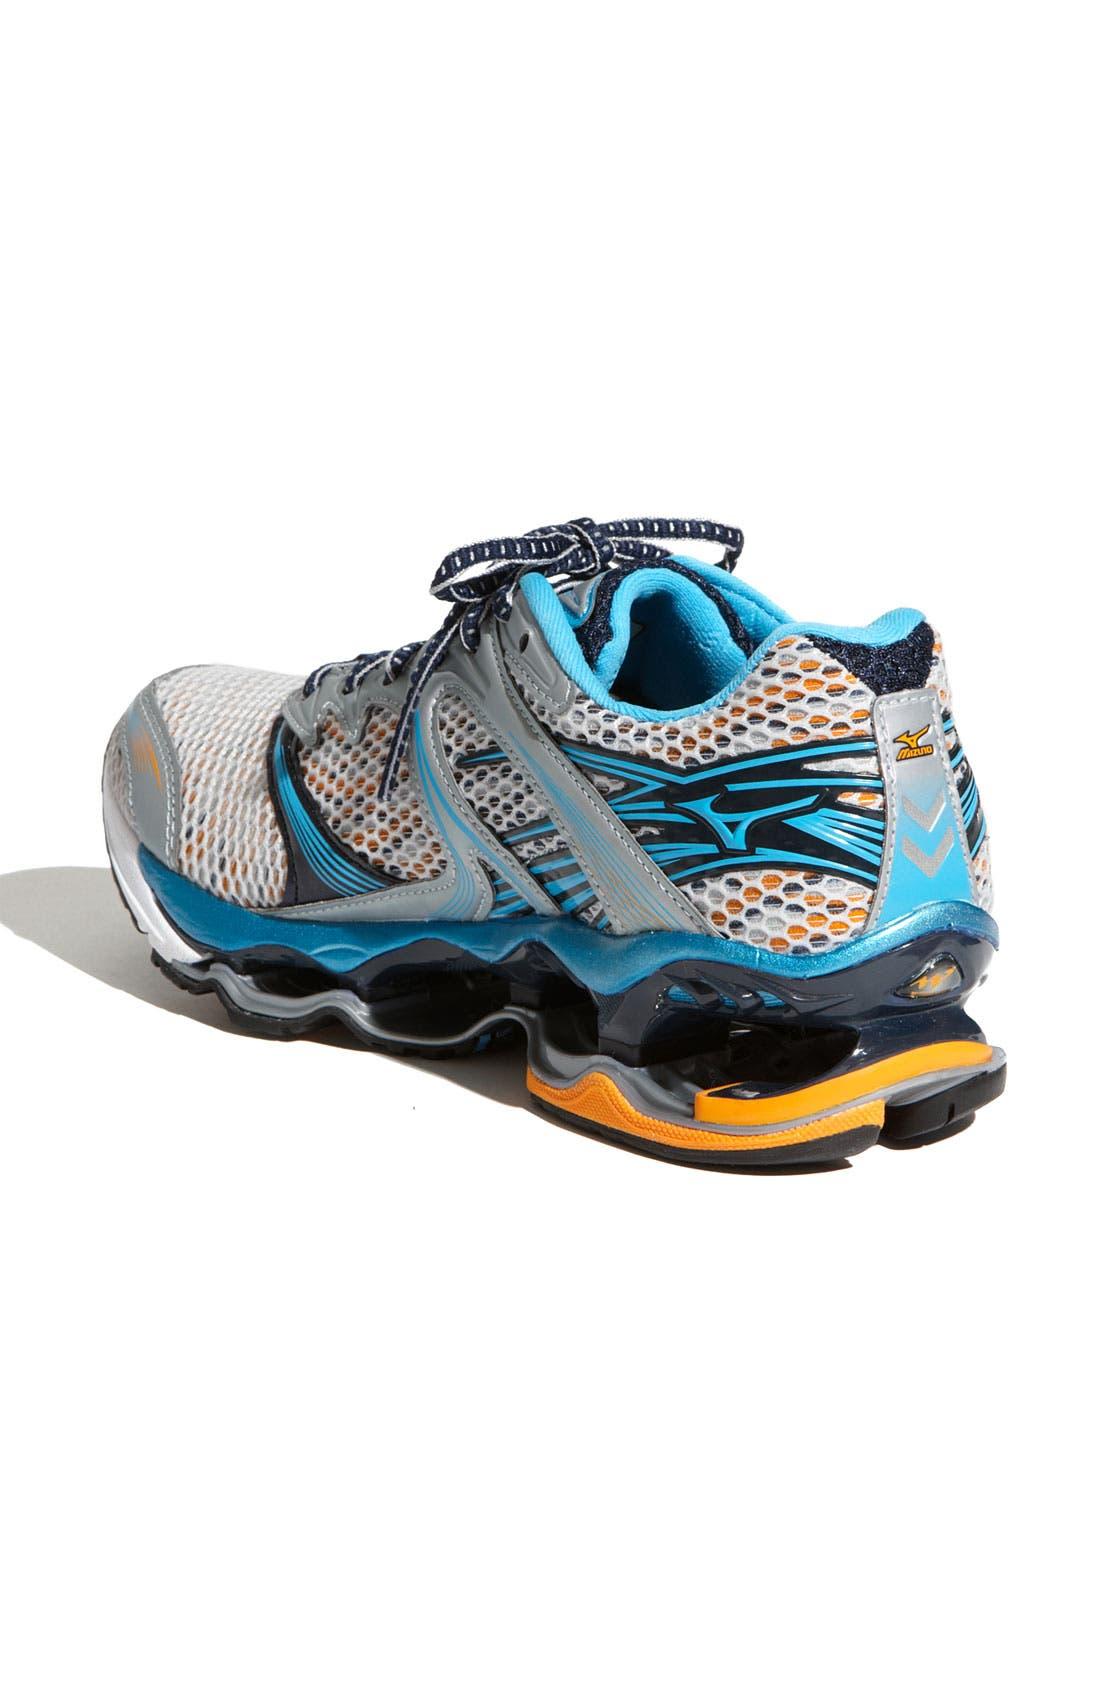 Alternate Image 2  - Mizuno 'Wave Prophecy' Running Shoe (Women) (Regular Retail Price: $199.95)